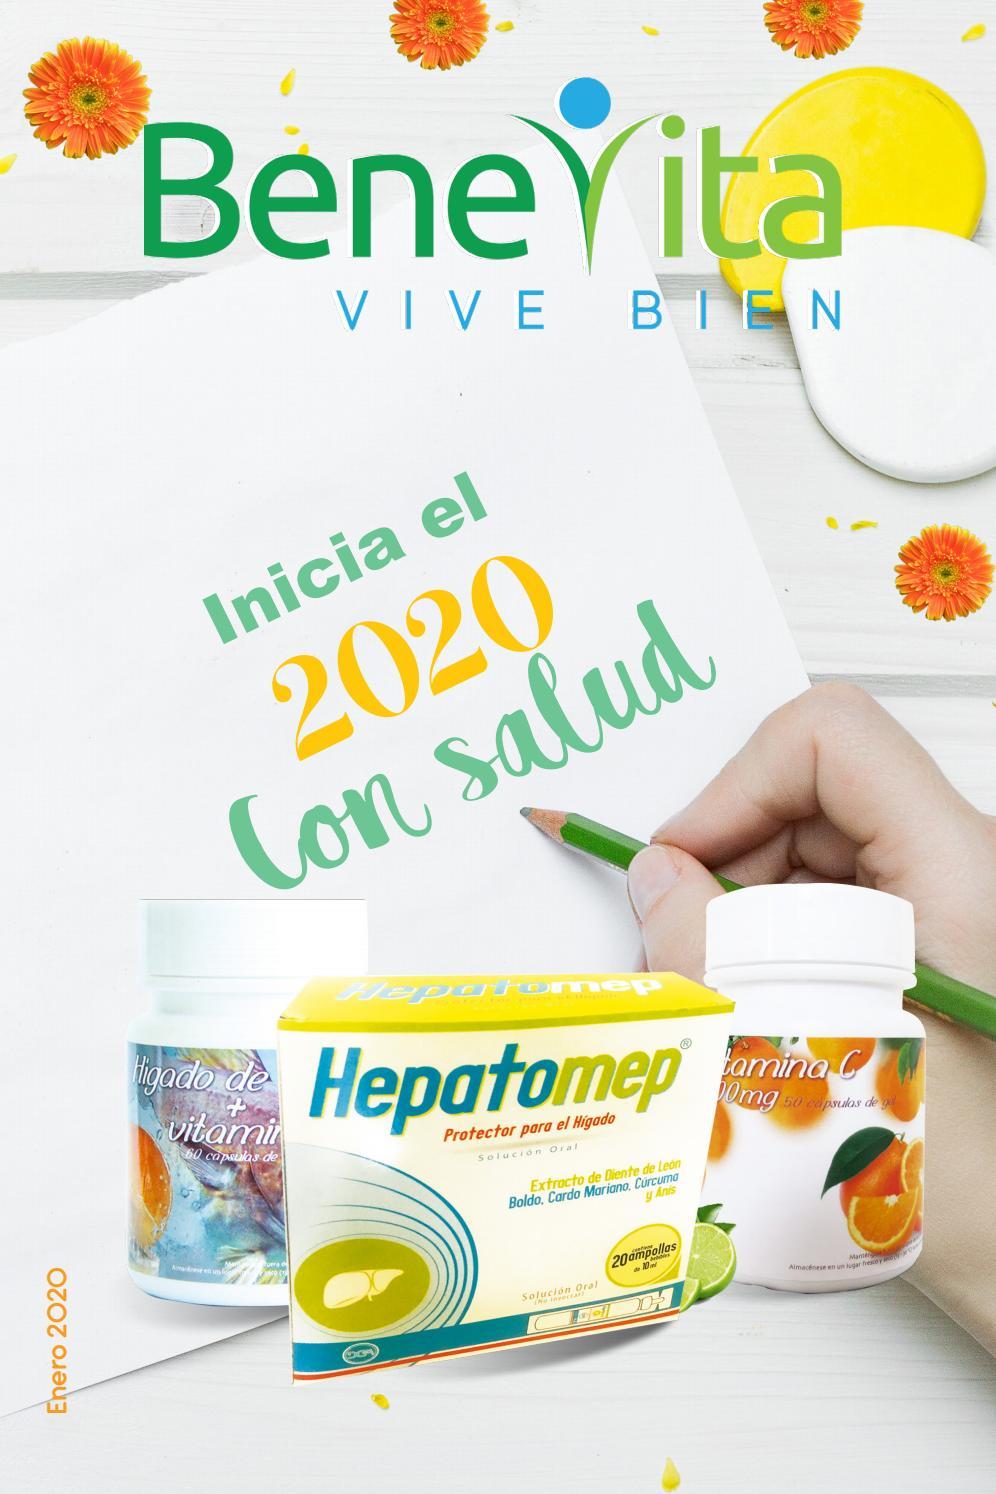 curar la próstata con hierbas y aloe vera 2020